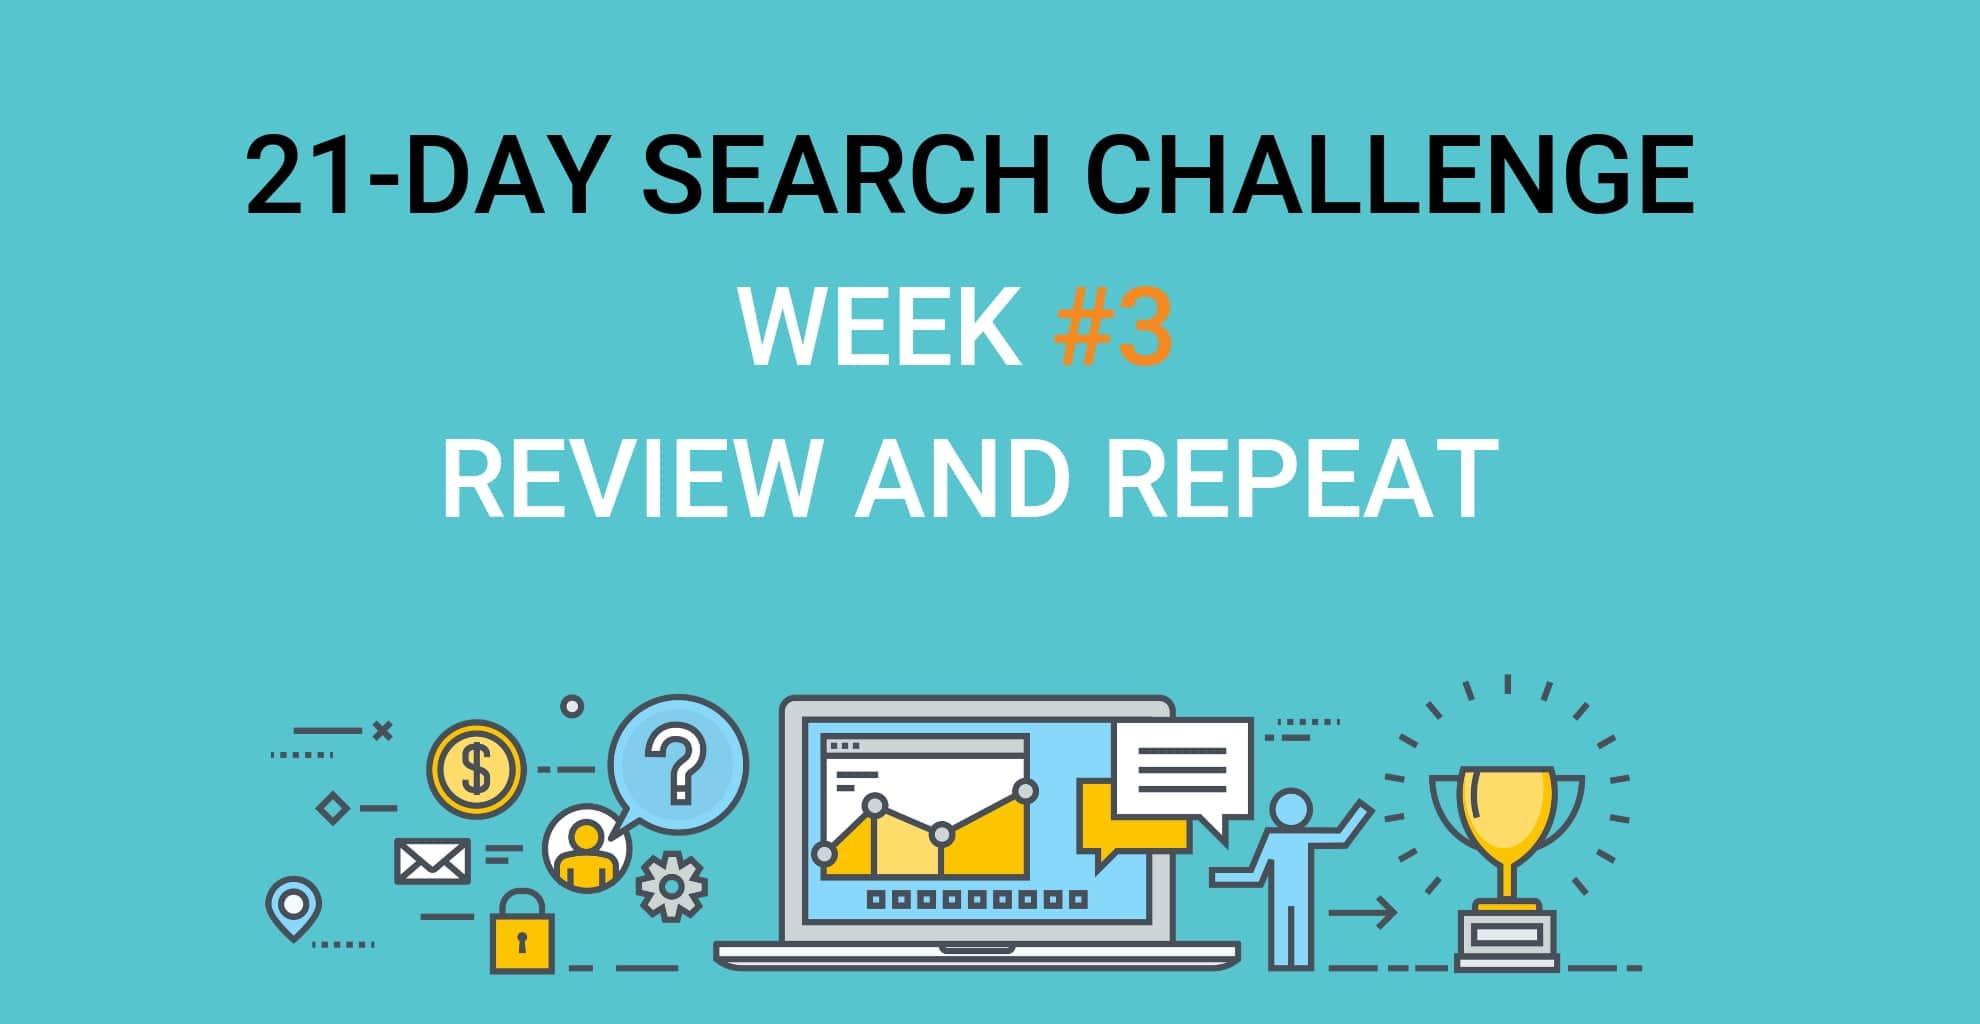 SEO experts Challenge week 2 Week 3 review repeat